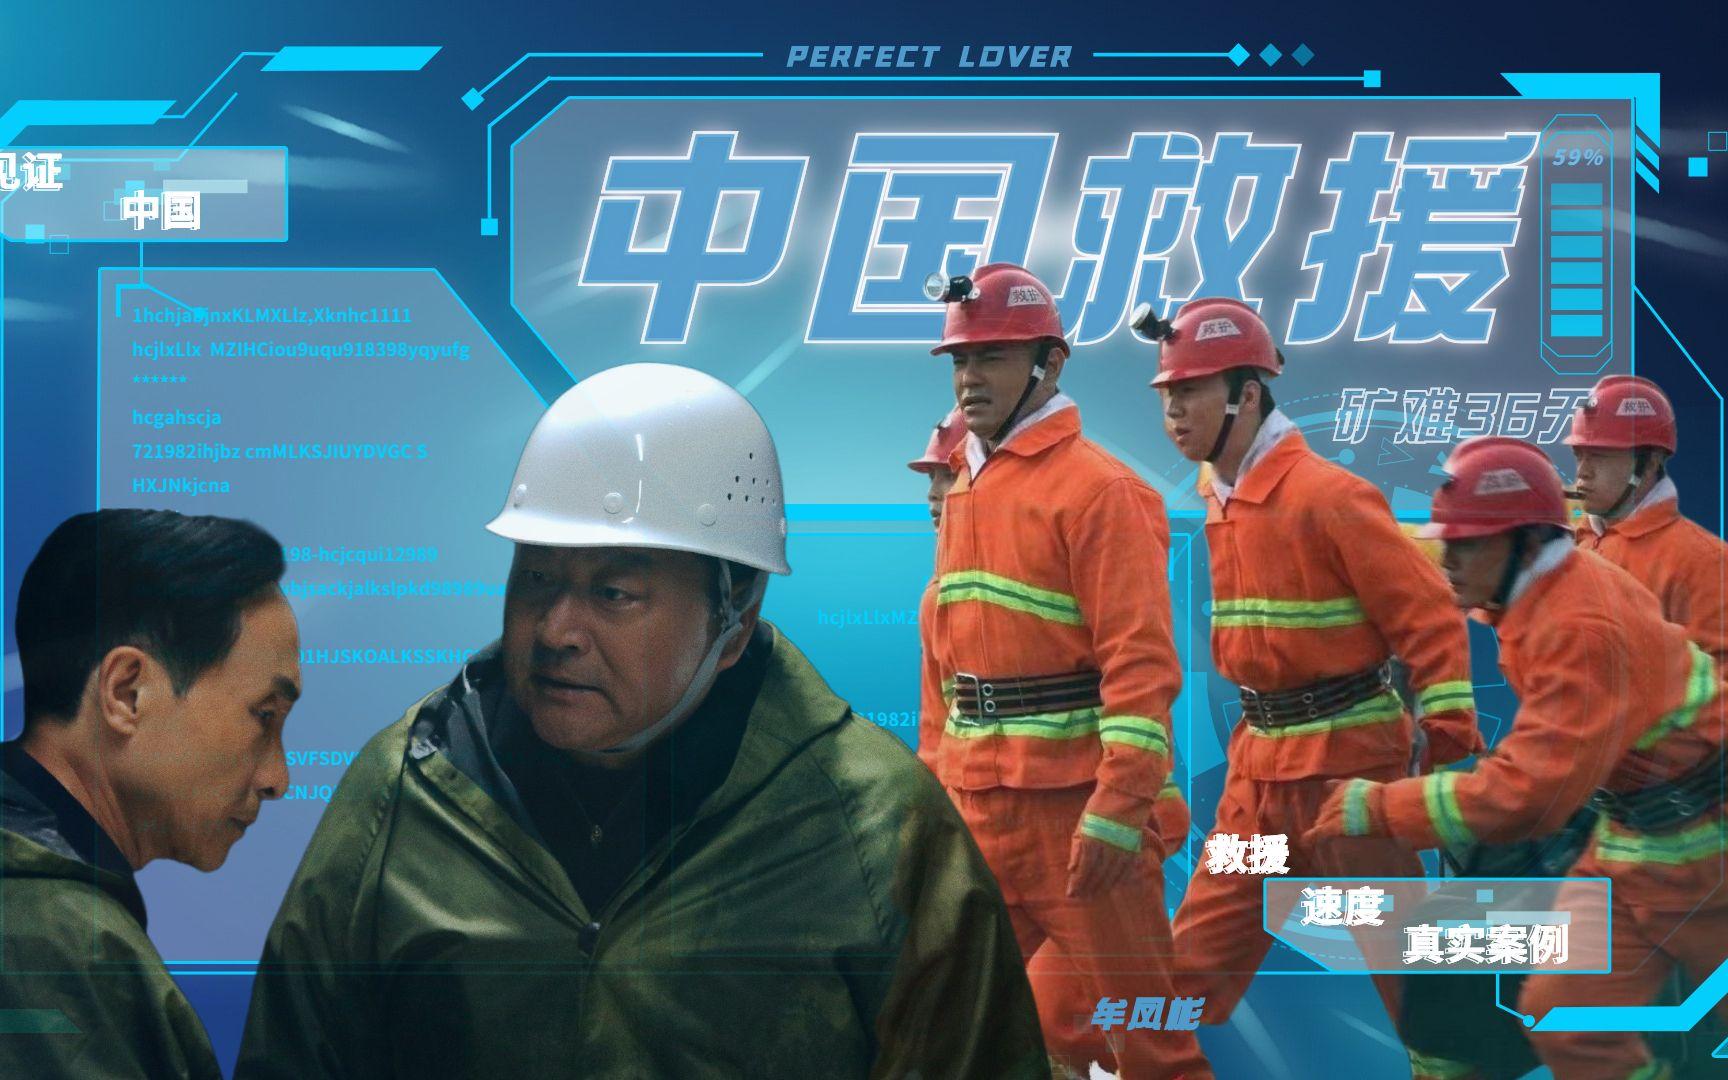 《中国救援·矿难36天》牟凤彬巩汉林上演生死营救,见证救援奇迹